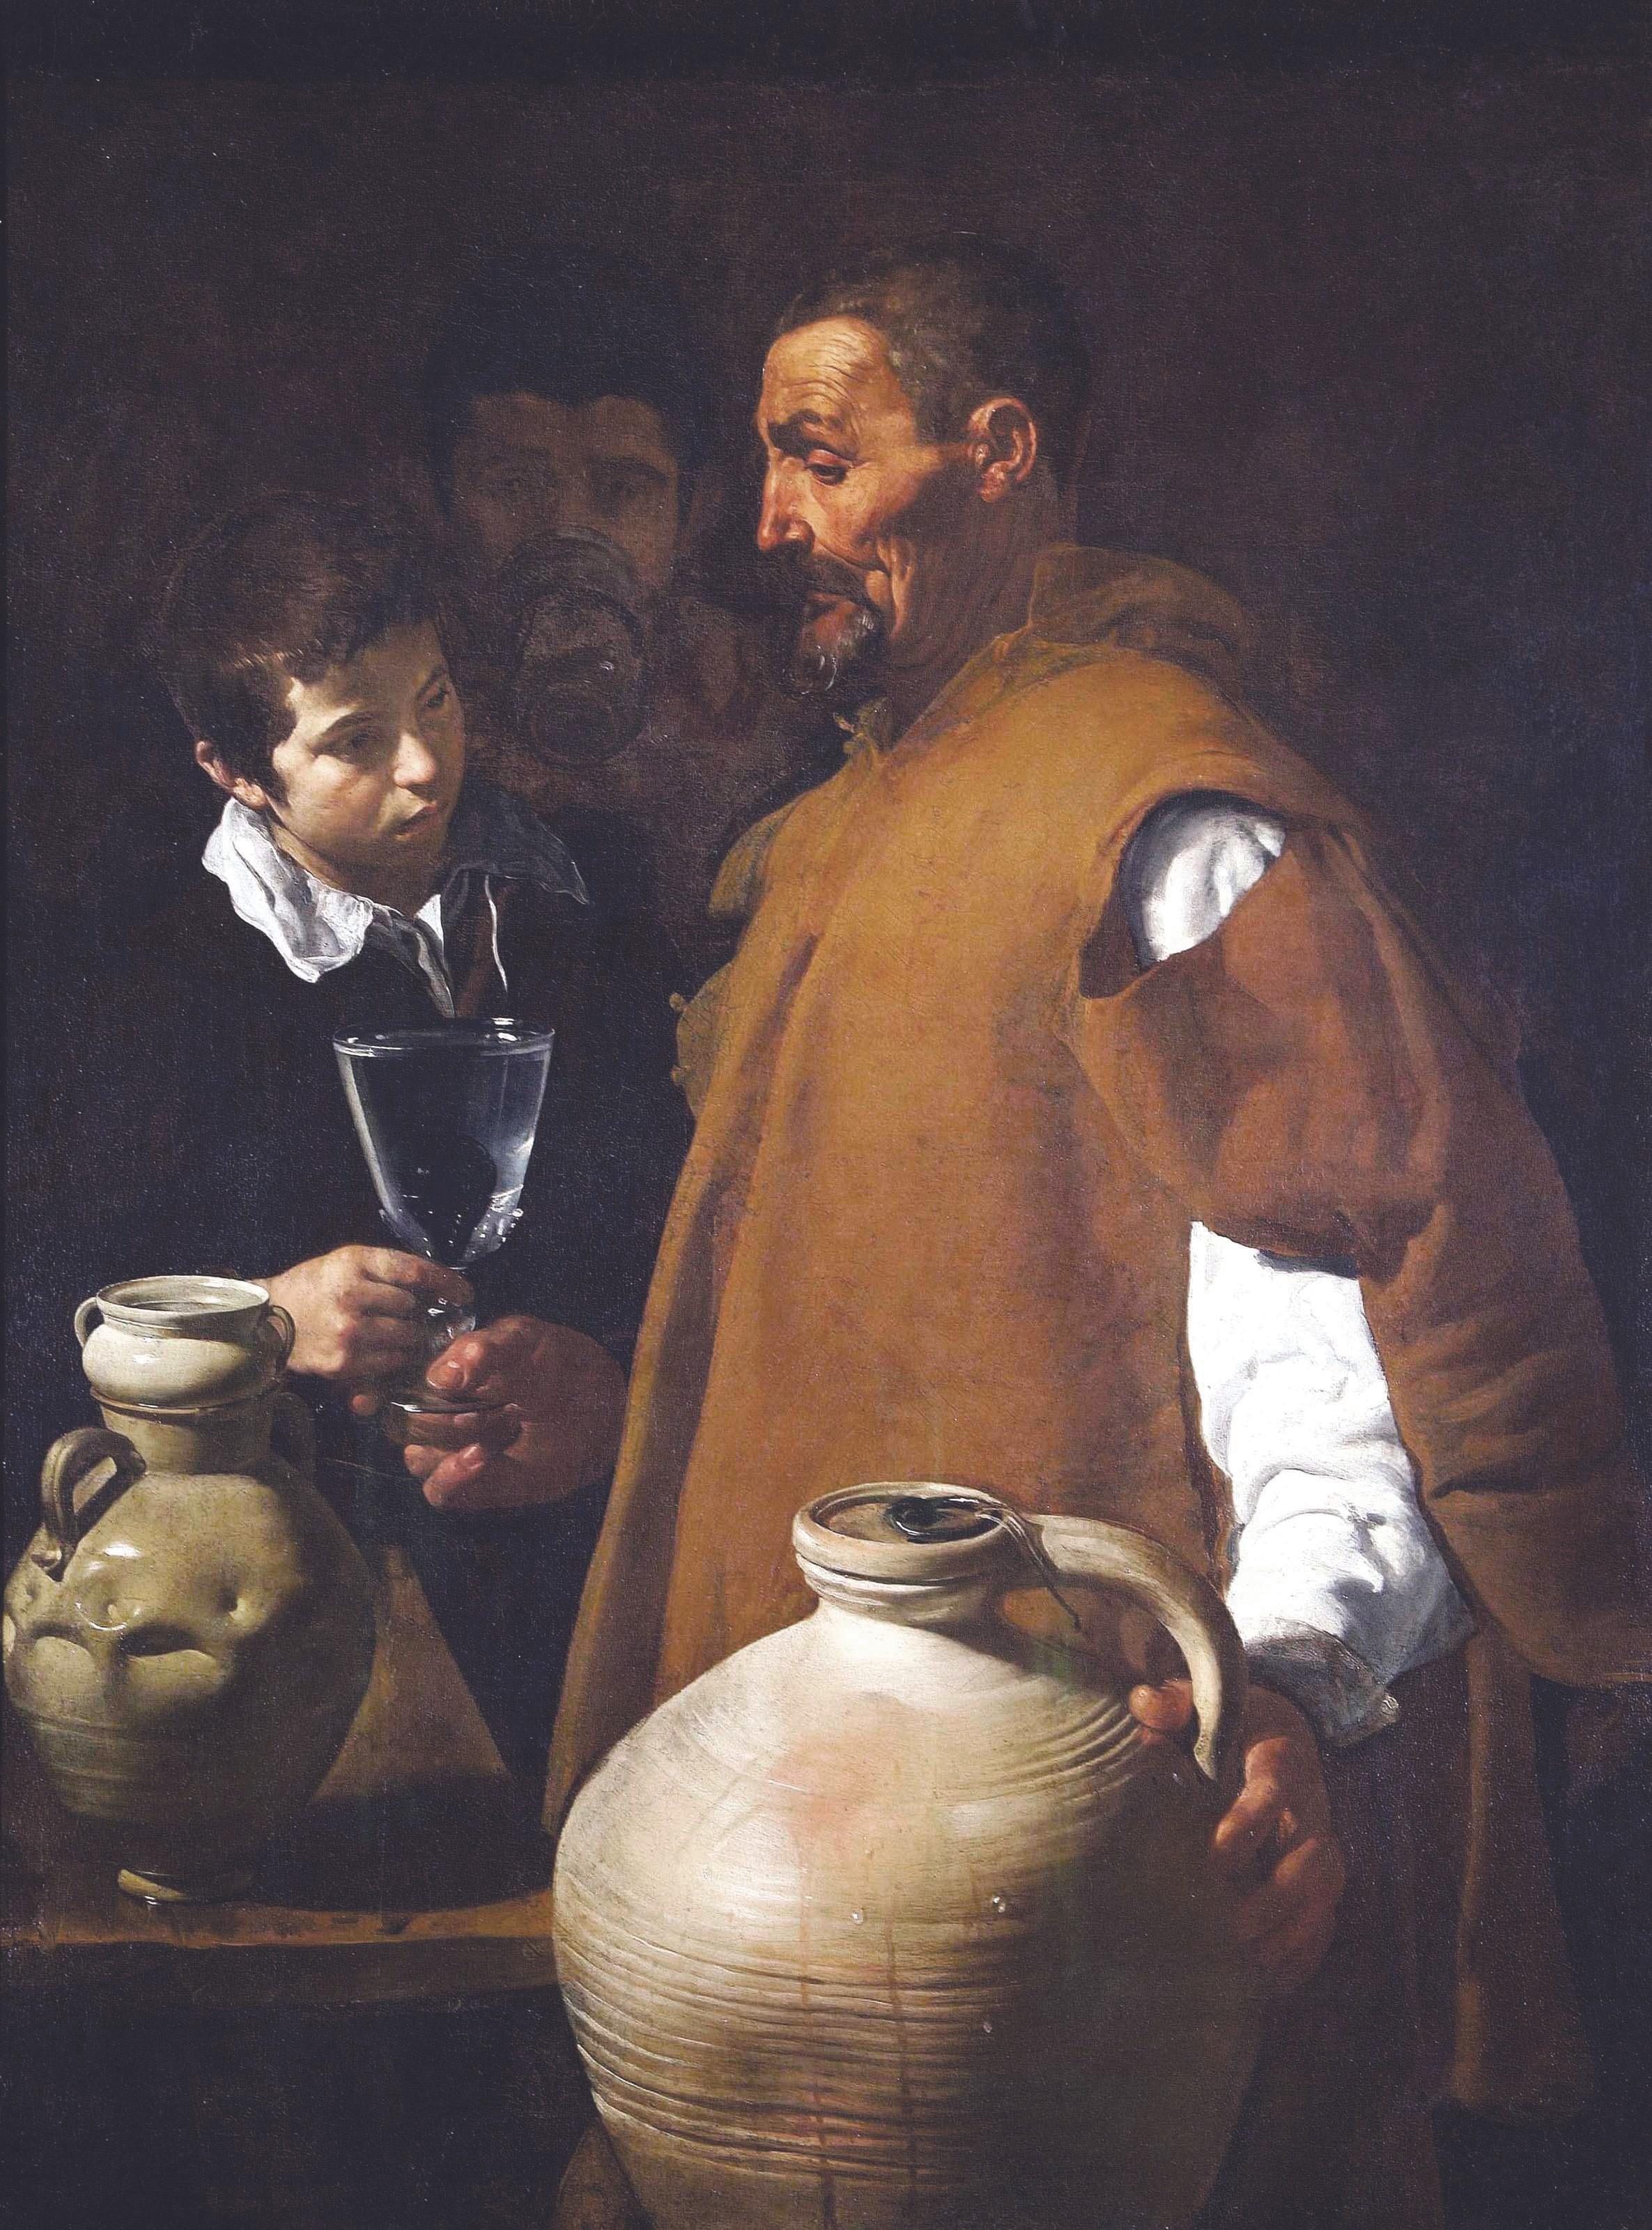 Diego Velázquez, El aguador de Sevilla, 1620.